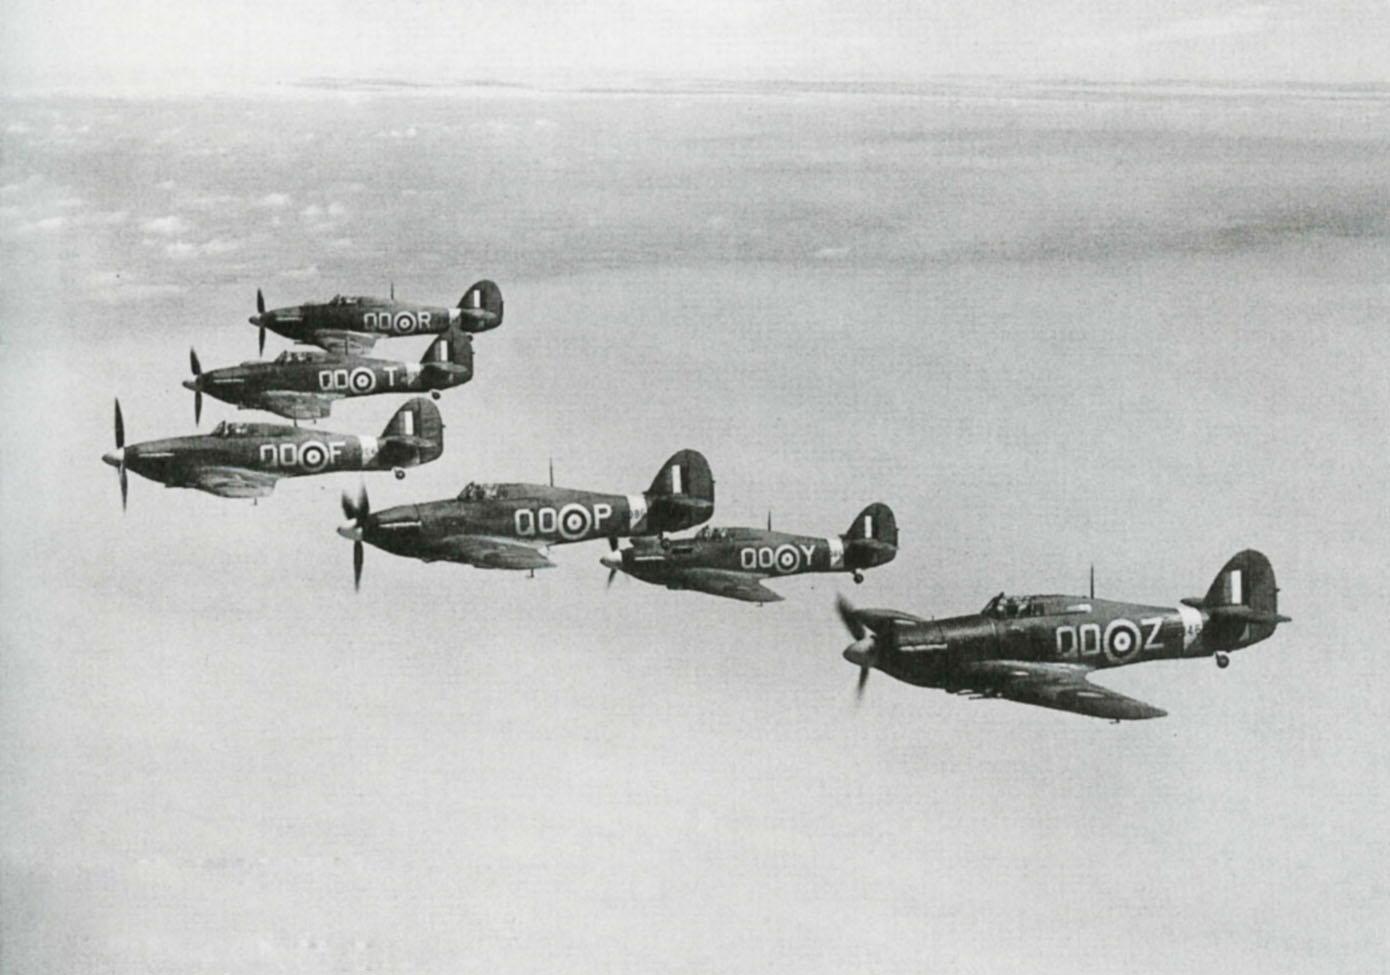 Hawker Hurricane IIc RAF 3Sqn QOZ QOP QOY QOF QOT QOR based at Stapleford Tawney 1941 IWM CH3497A